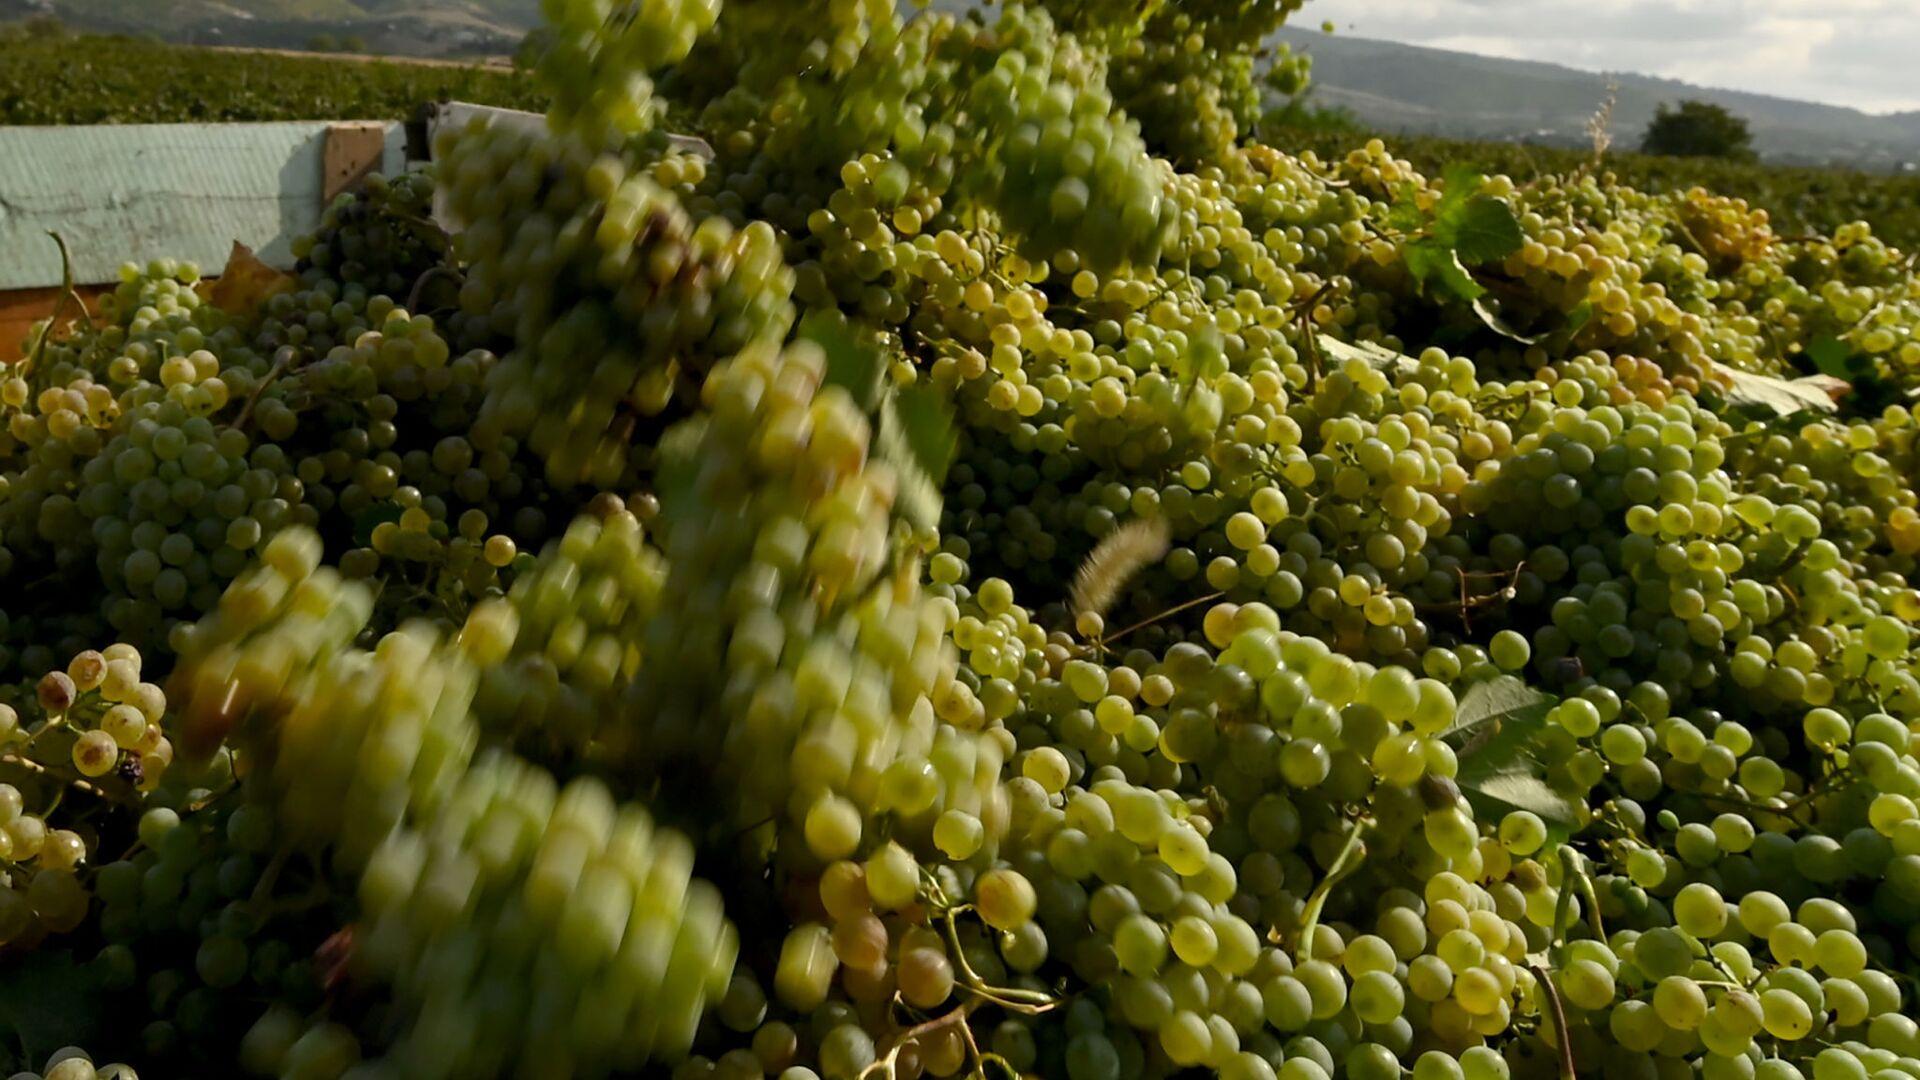 Сбор урожая винограда - ртвели в регионе Кахети  - Sputnik Грузия, 1920, 03.09.2021